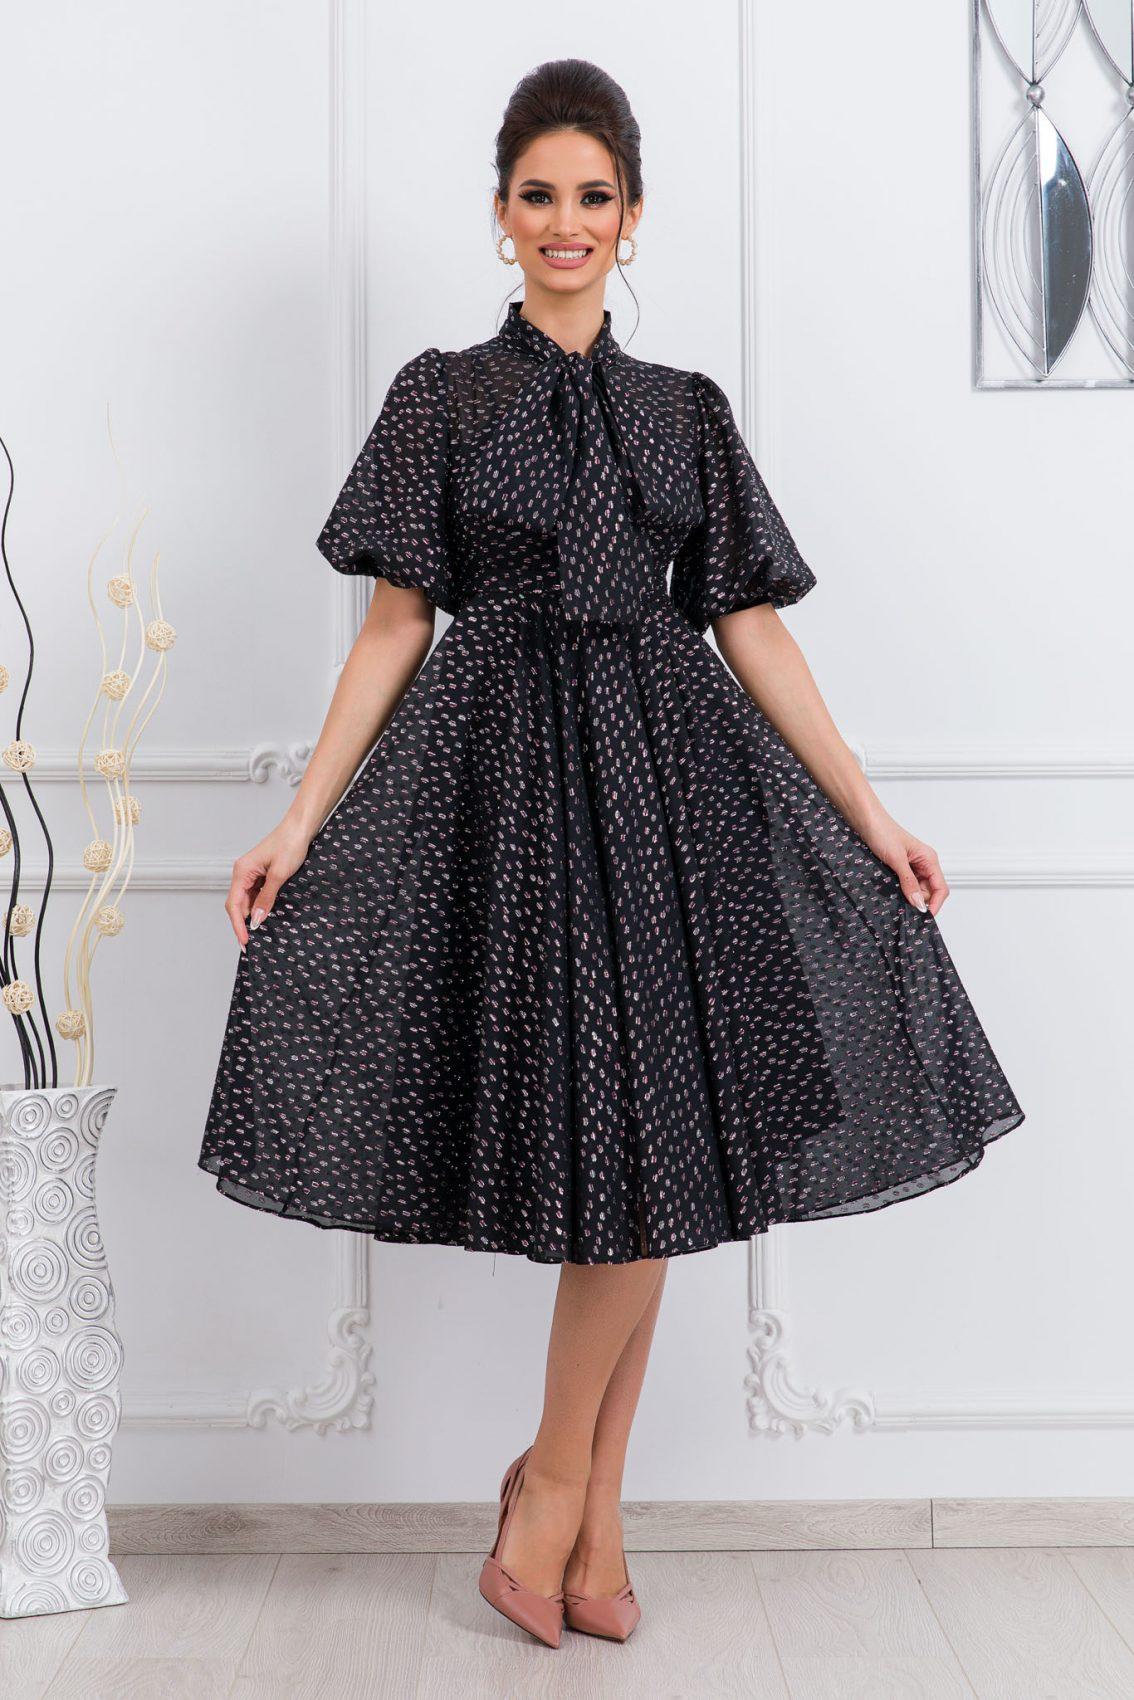 Μαύρο Βραδινό Φόρεμα Με Φιόγκο Sensational 9740 1